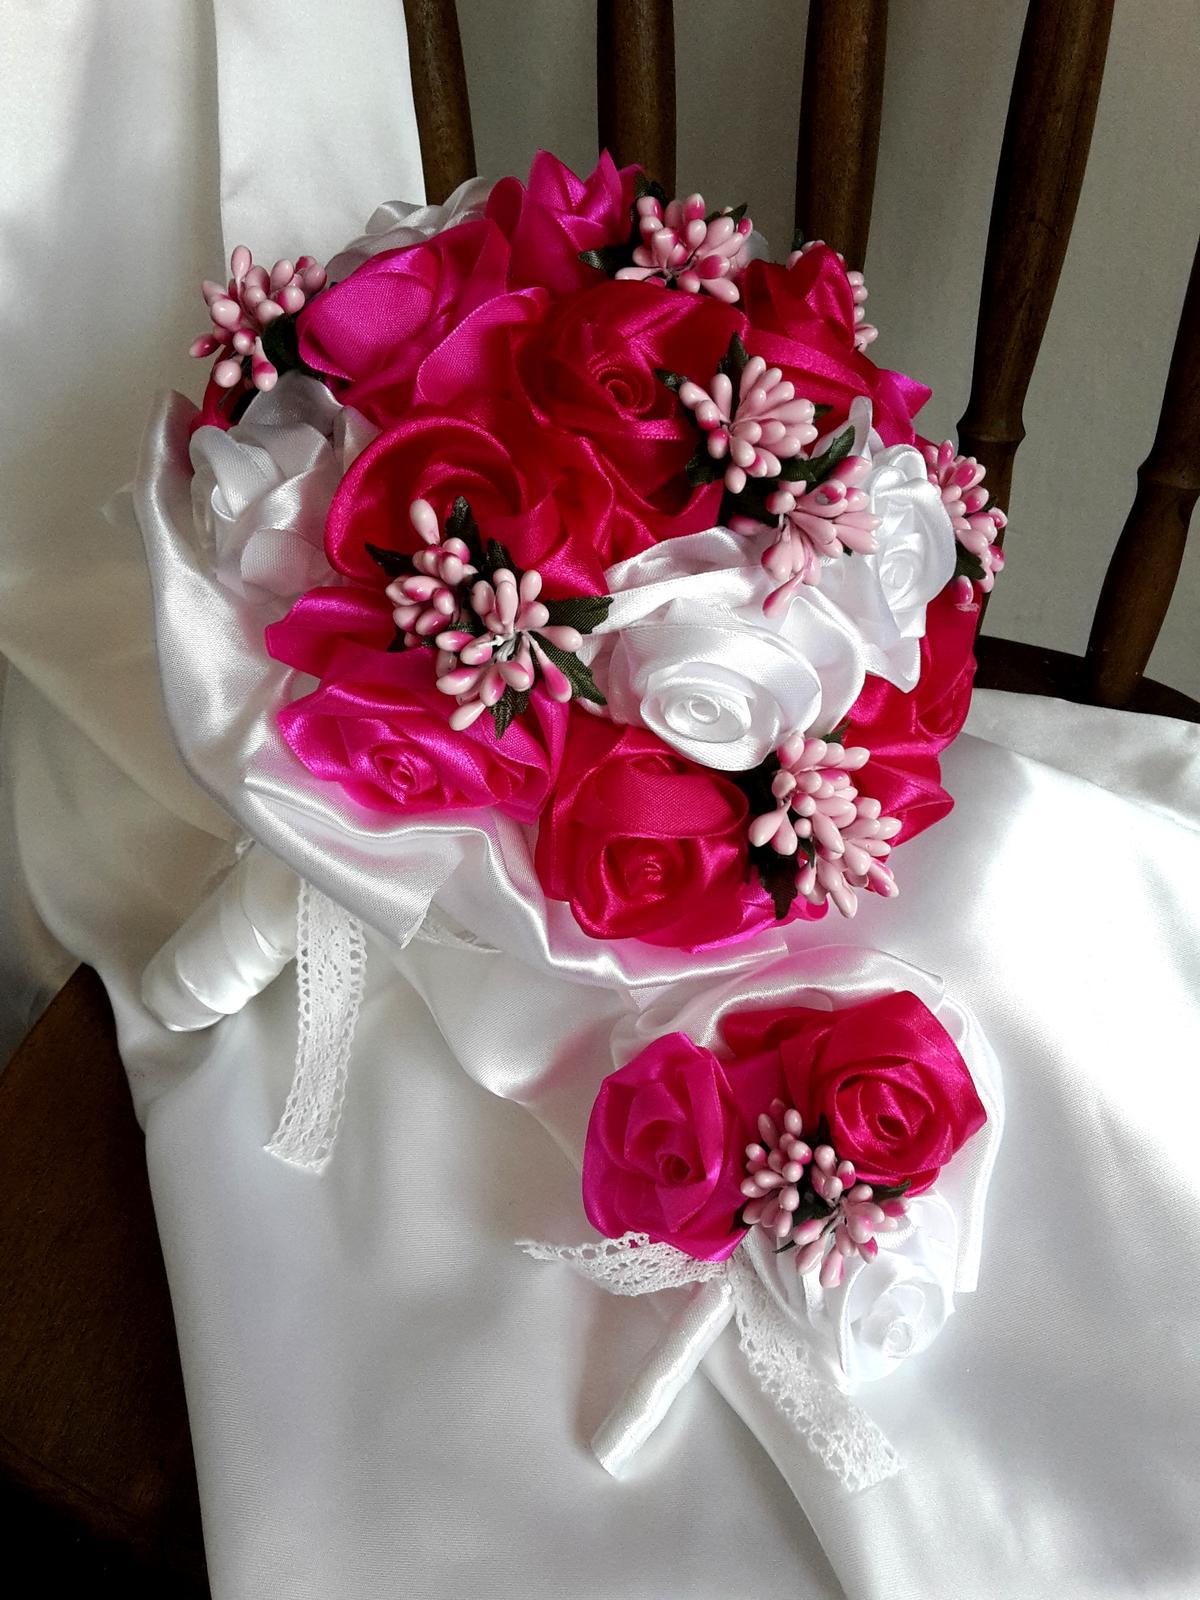 Saténové ruže-bielo cyklámenové,pošta v cene - Obrázok č. 1